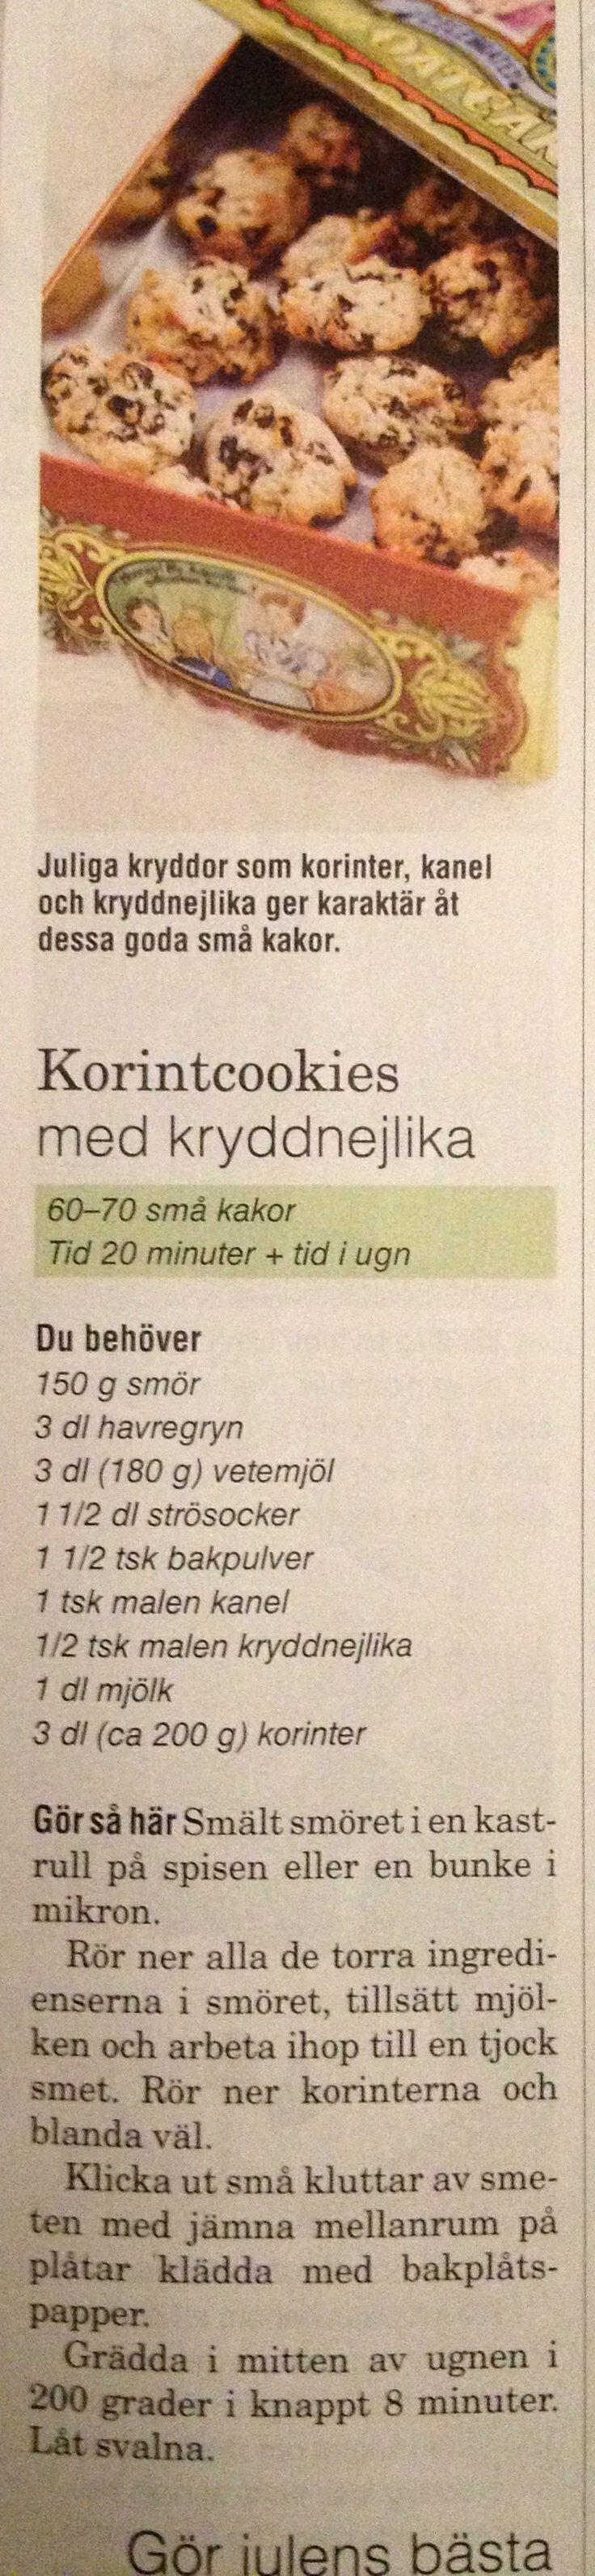 Korintcookies